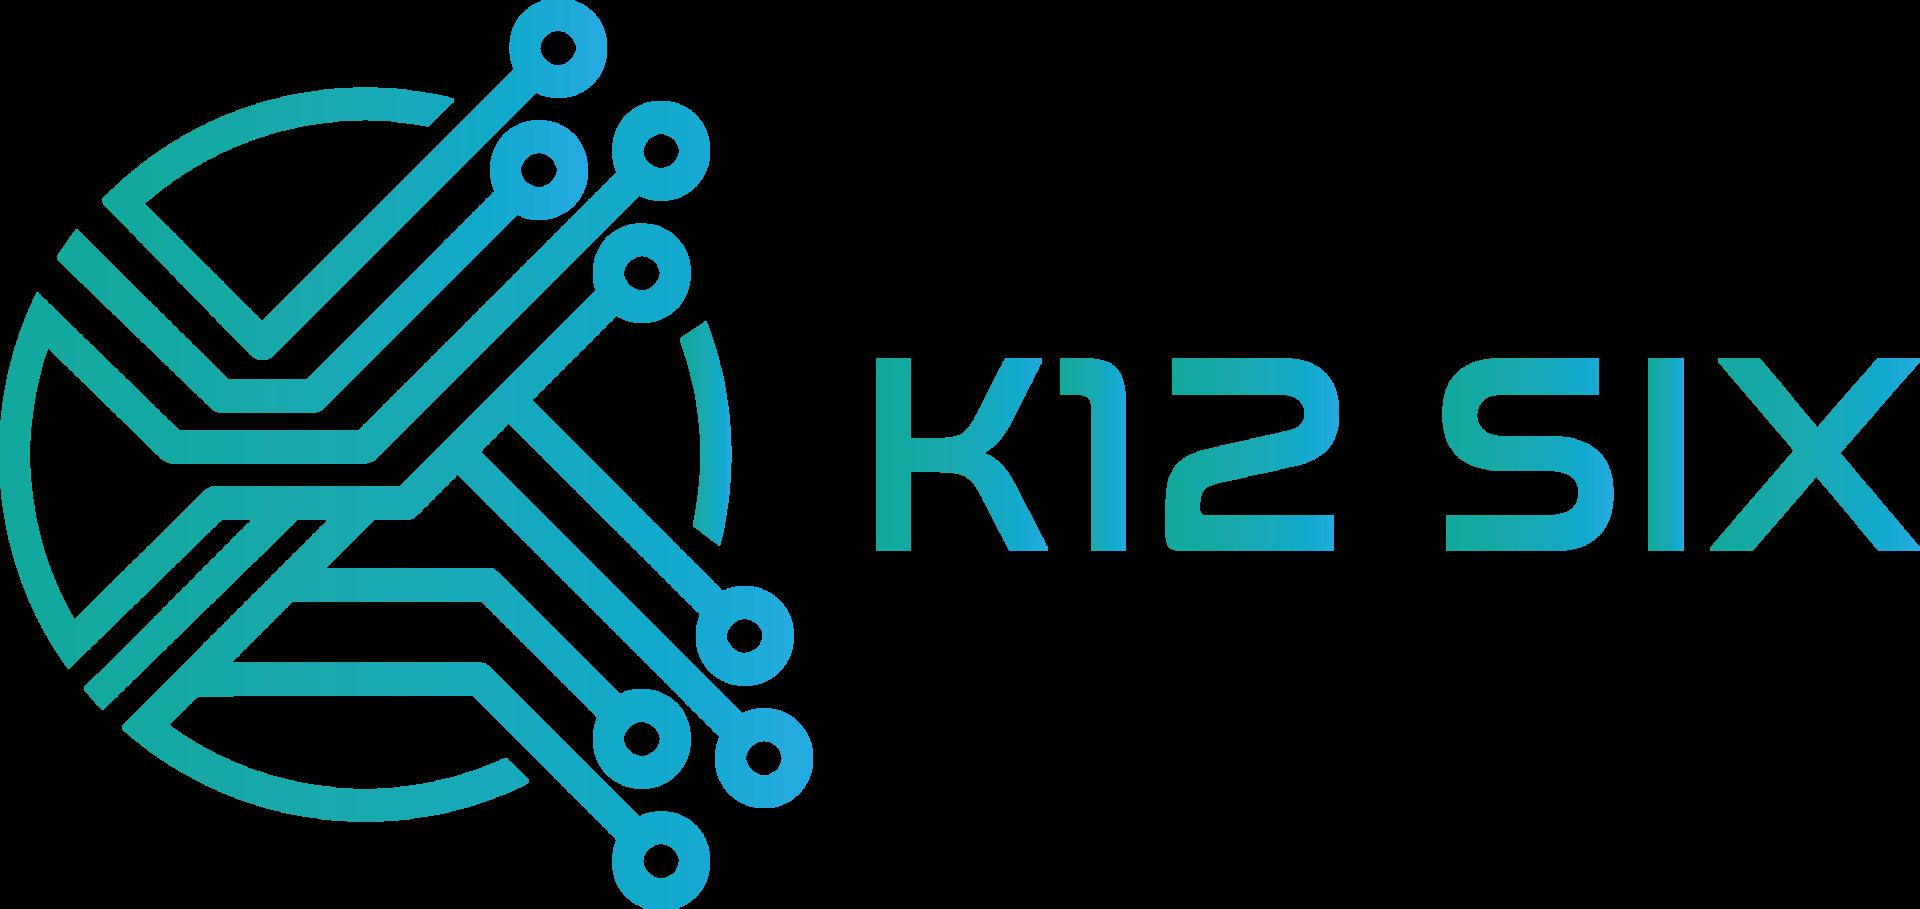 K12 SIX Logo